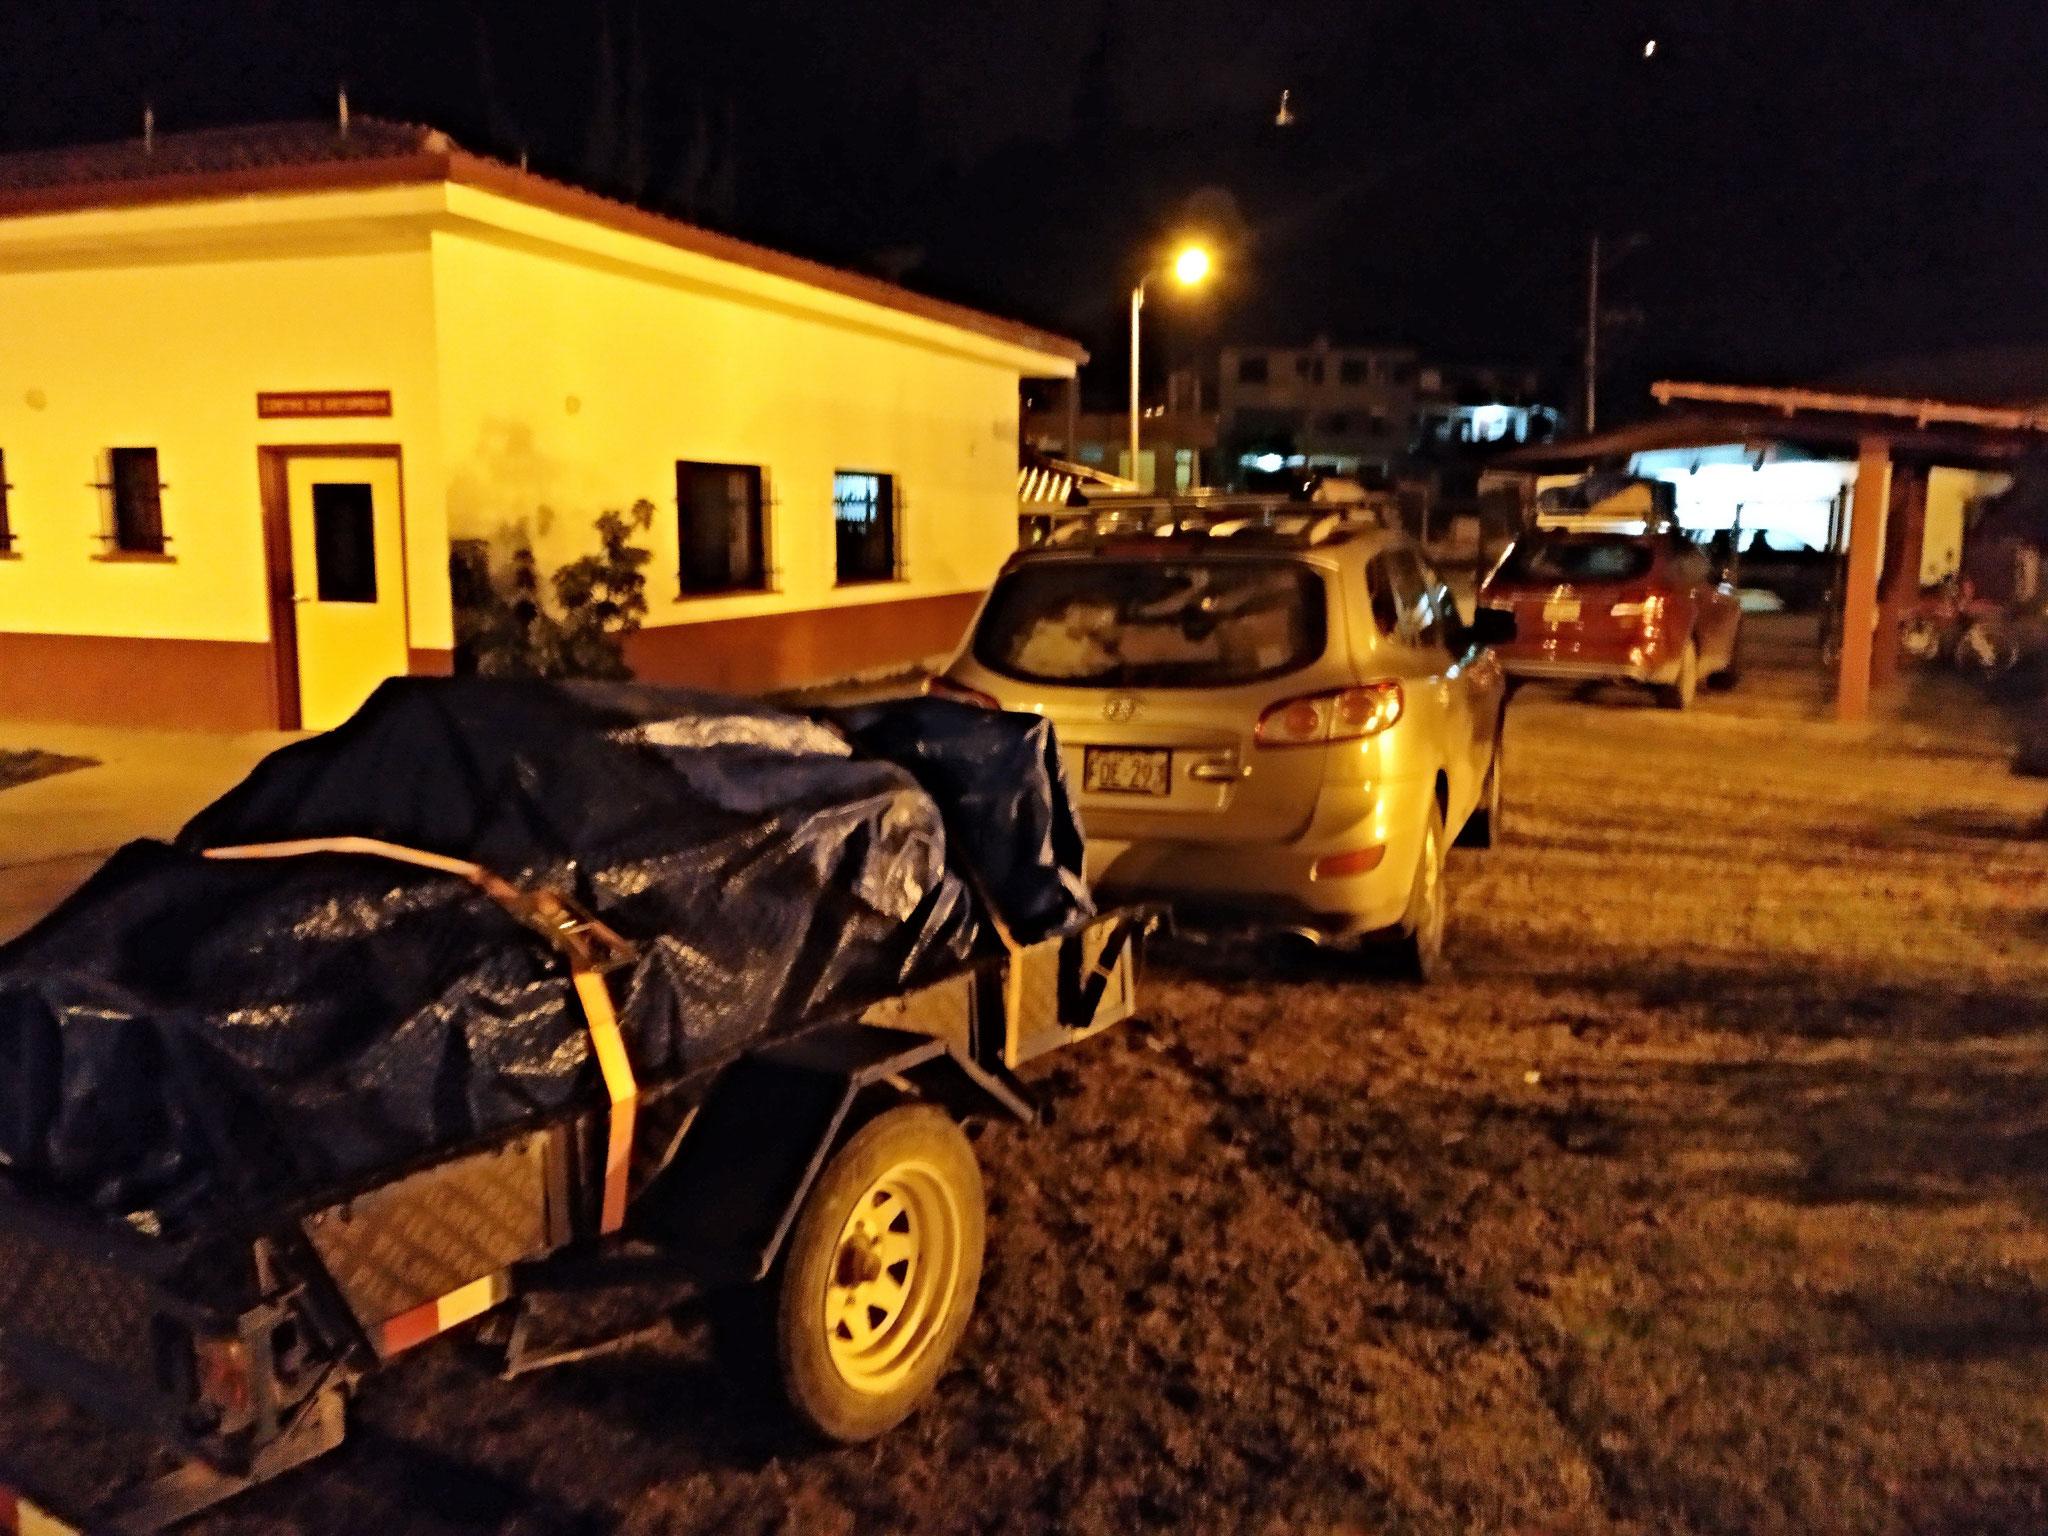 Um 04:30 haben wir uns getroffen, um die Autos zu bepacken und die Anhänger anzuschließen.